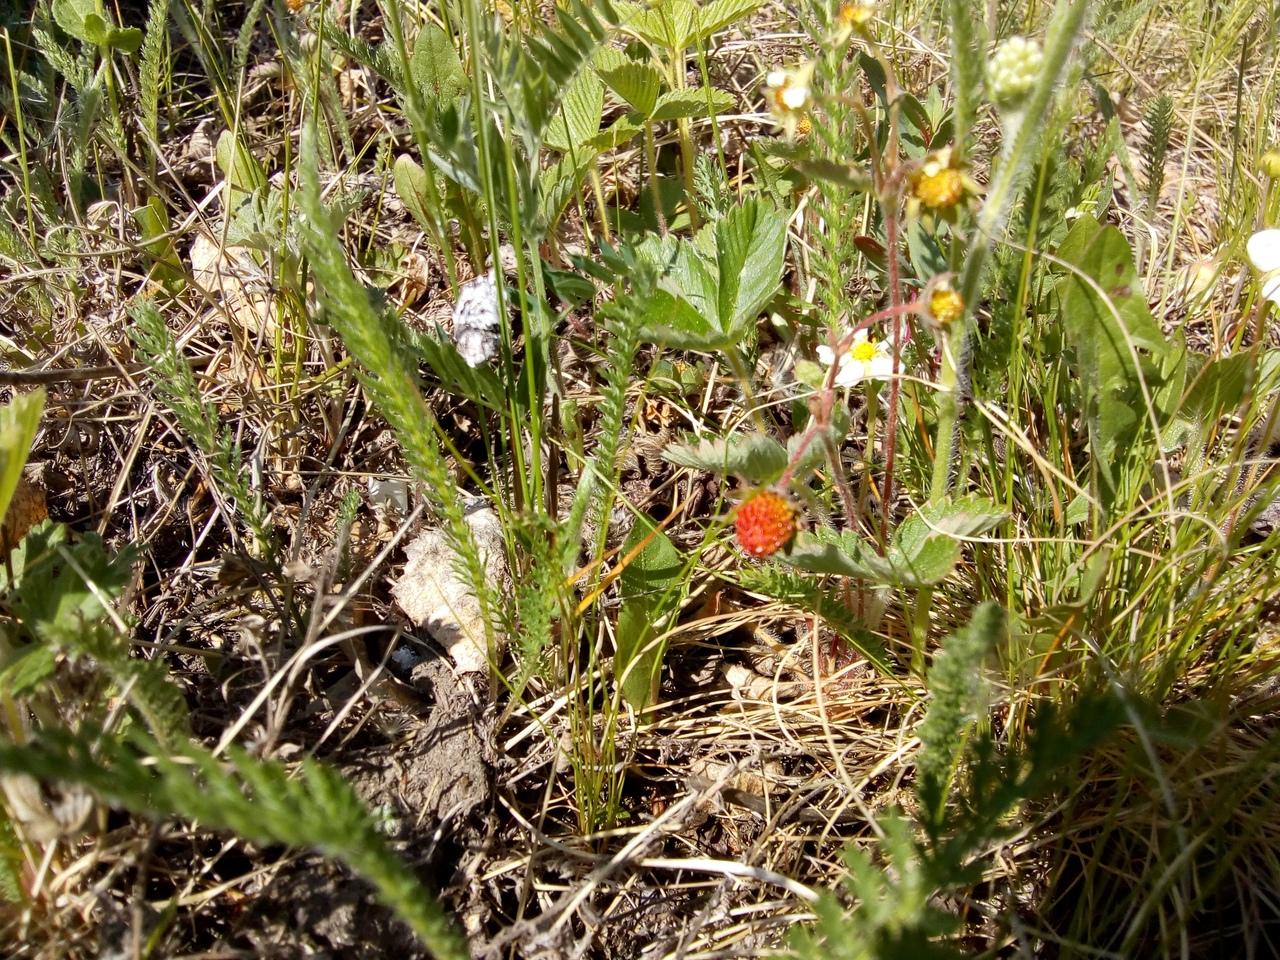 Богатый урожай земляники заметили на Южном Урале